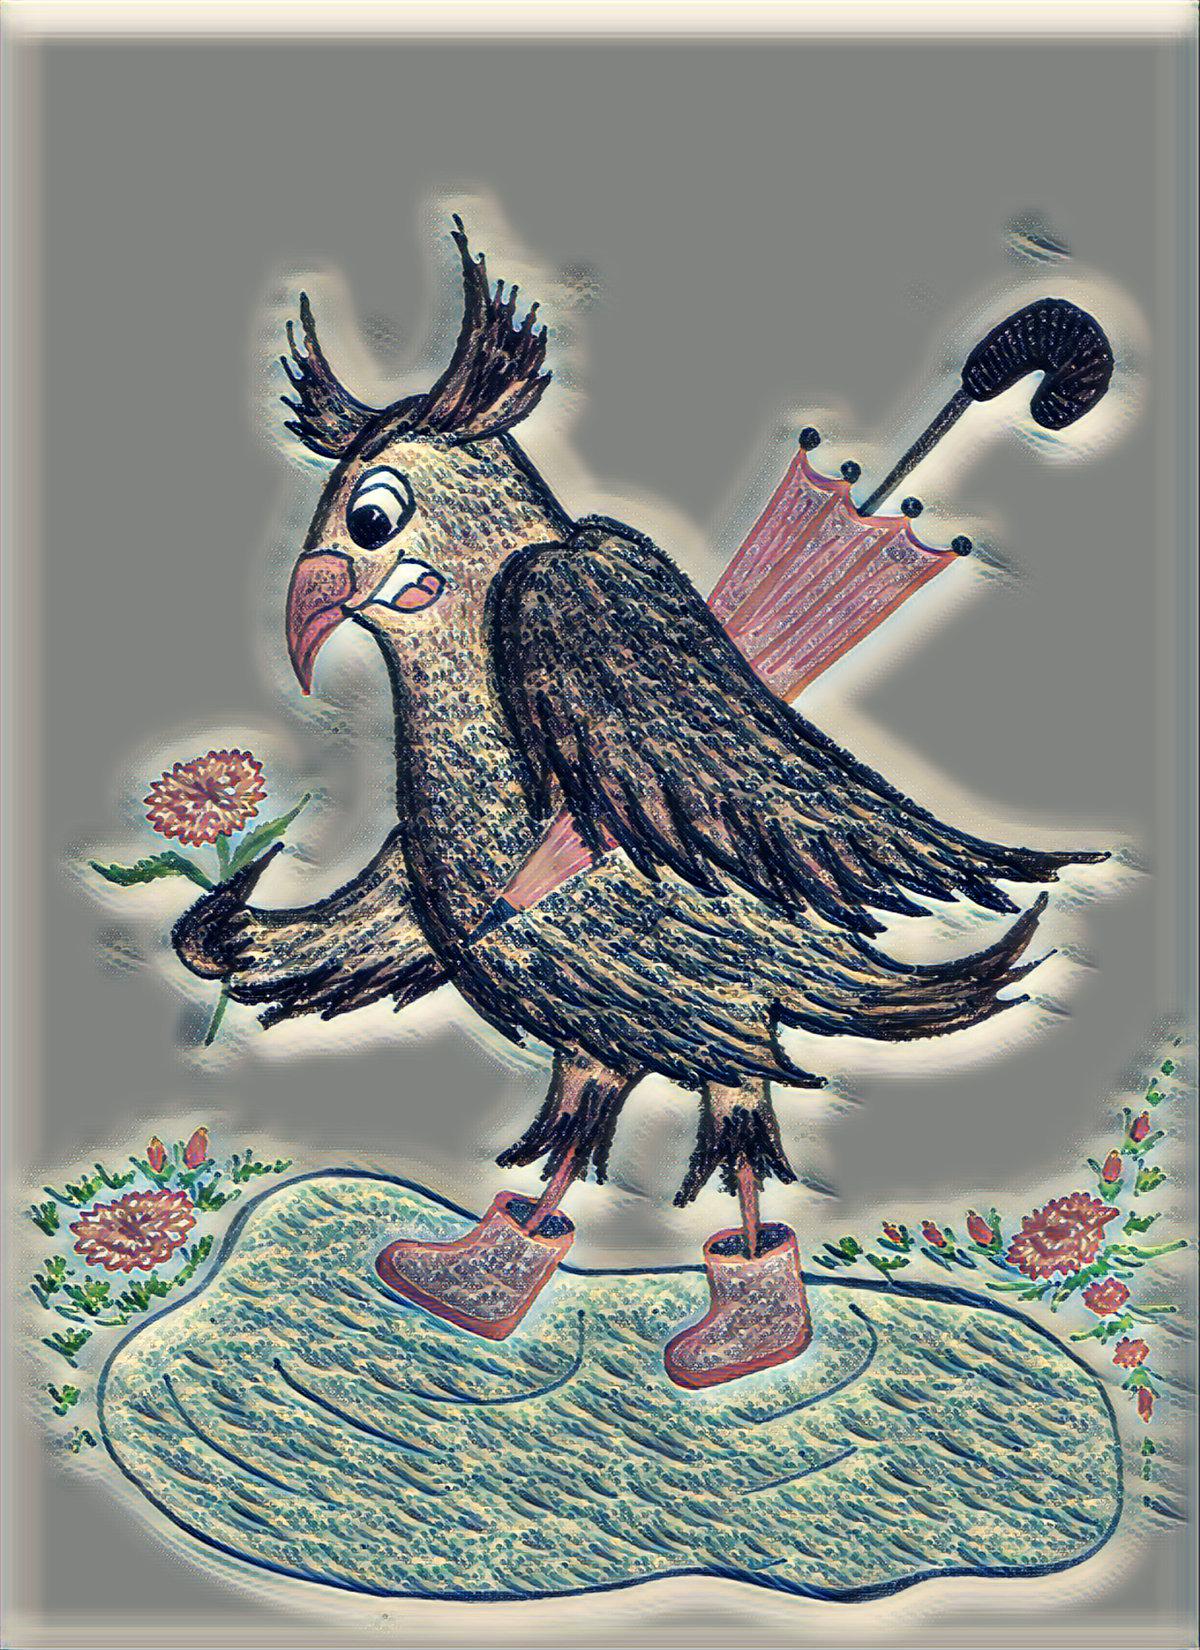 Красивые открытки бесплатно для вас / Beautiful postcards are free for you, p_i_r_a_n_y_a - Сова Ульяна и первые лужи. Весна